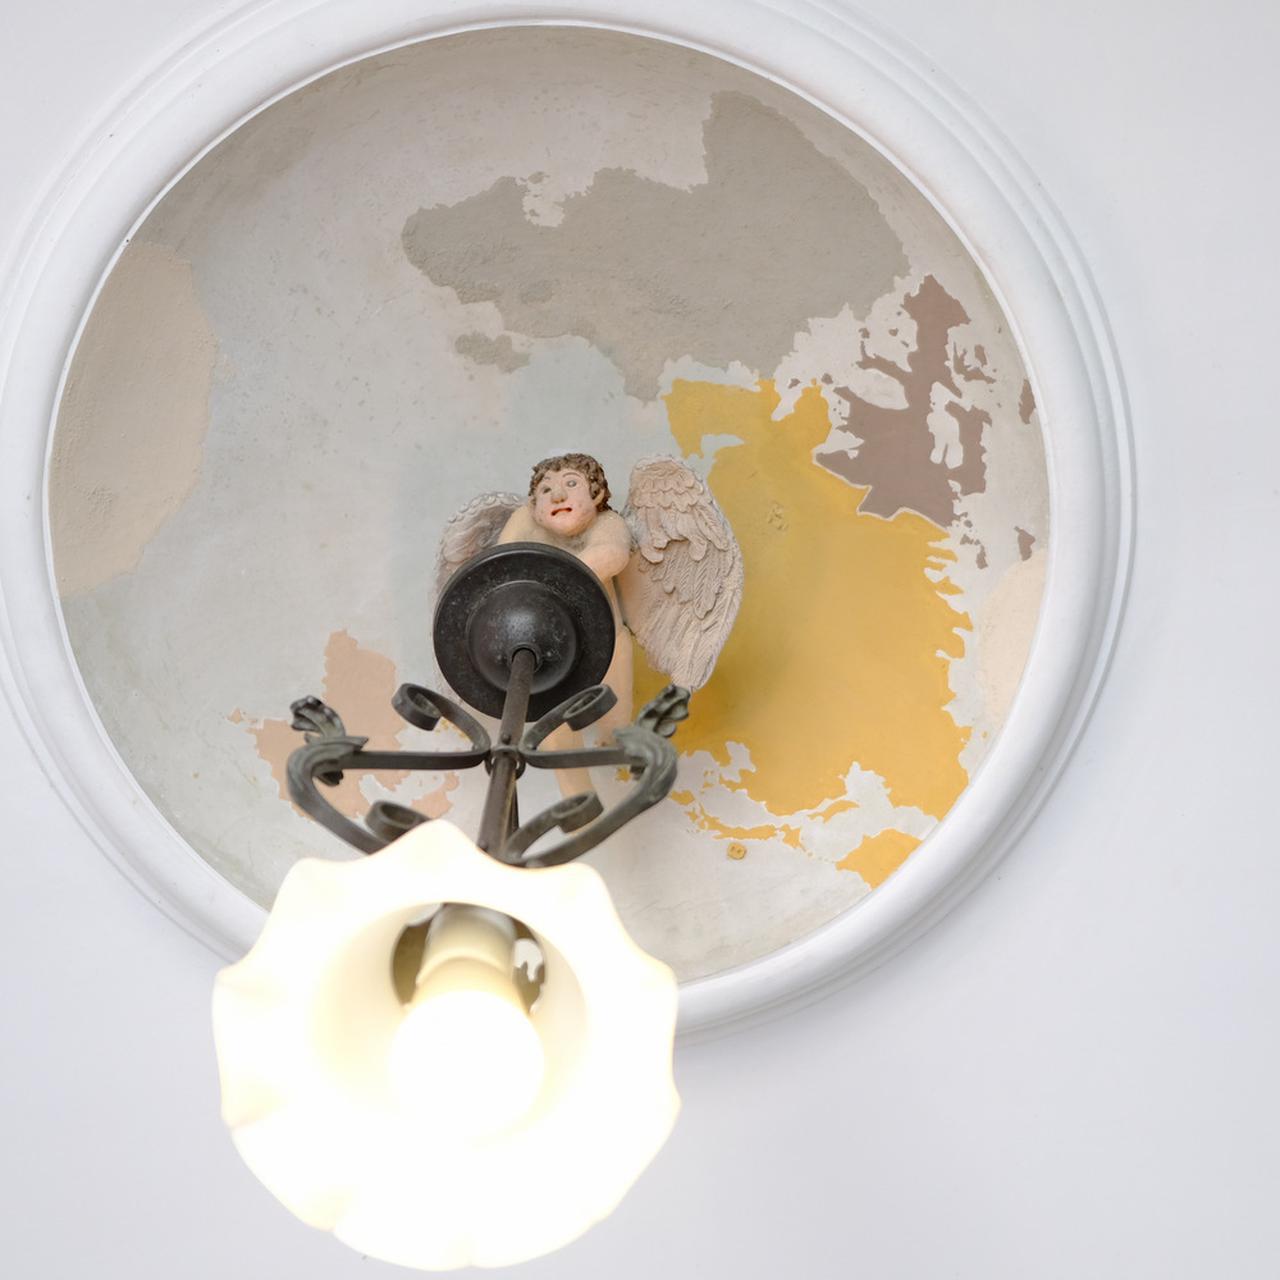 画像: 玄関天井には天使と地球儀が描かれています。これは左官が鏝で描く「鏝絵」。よく見ると小さな漢字で「日本」と書かれているので、見つけるのも面白いですよ!